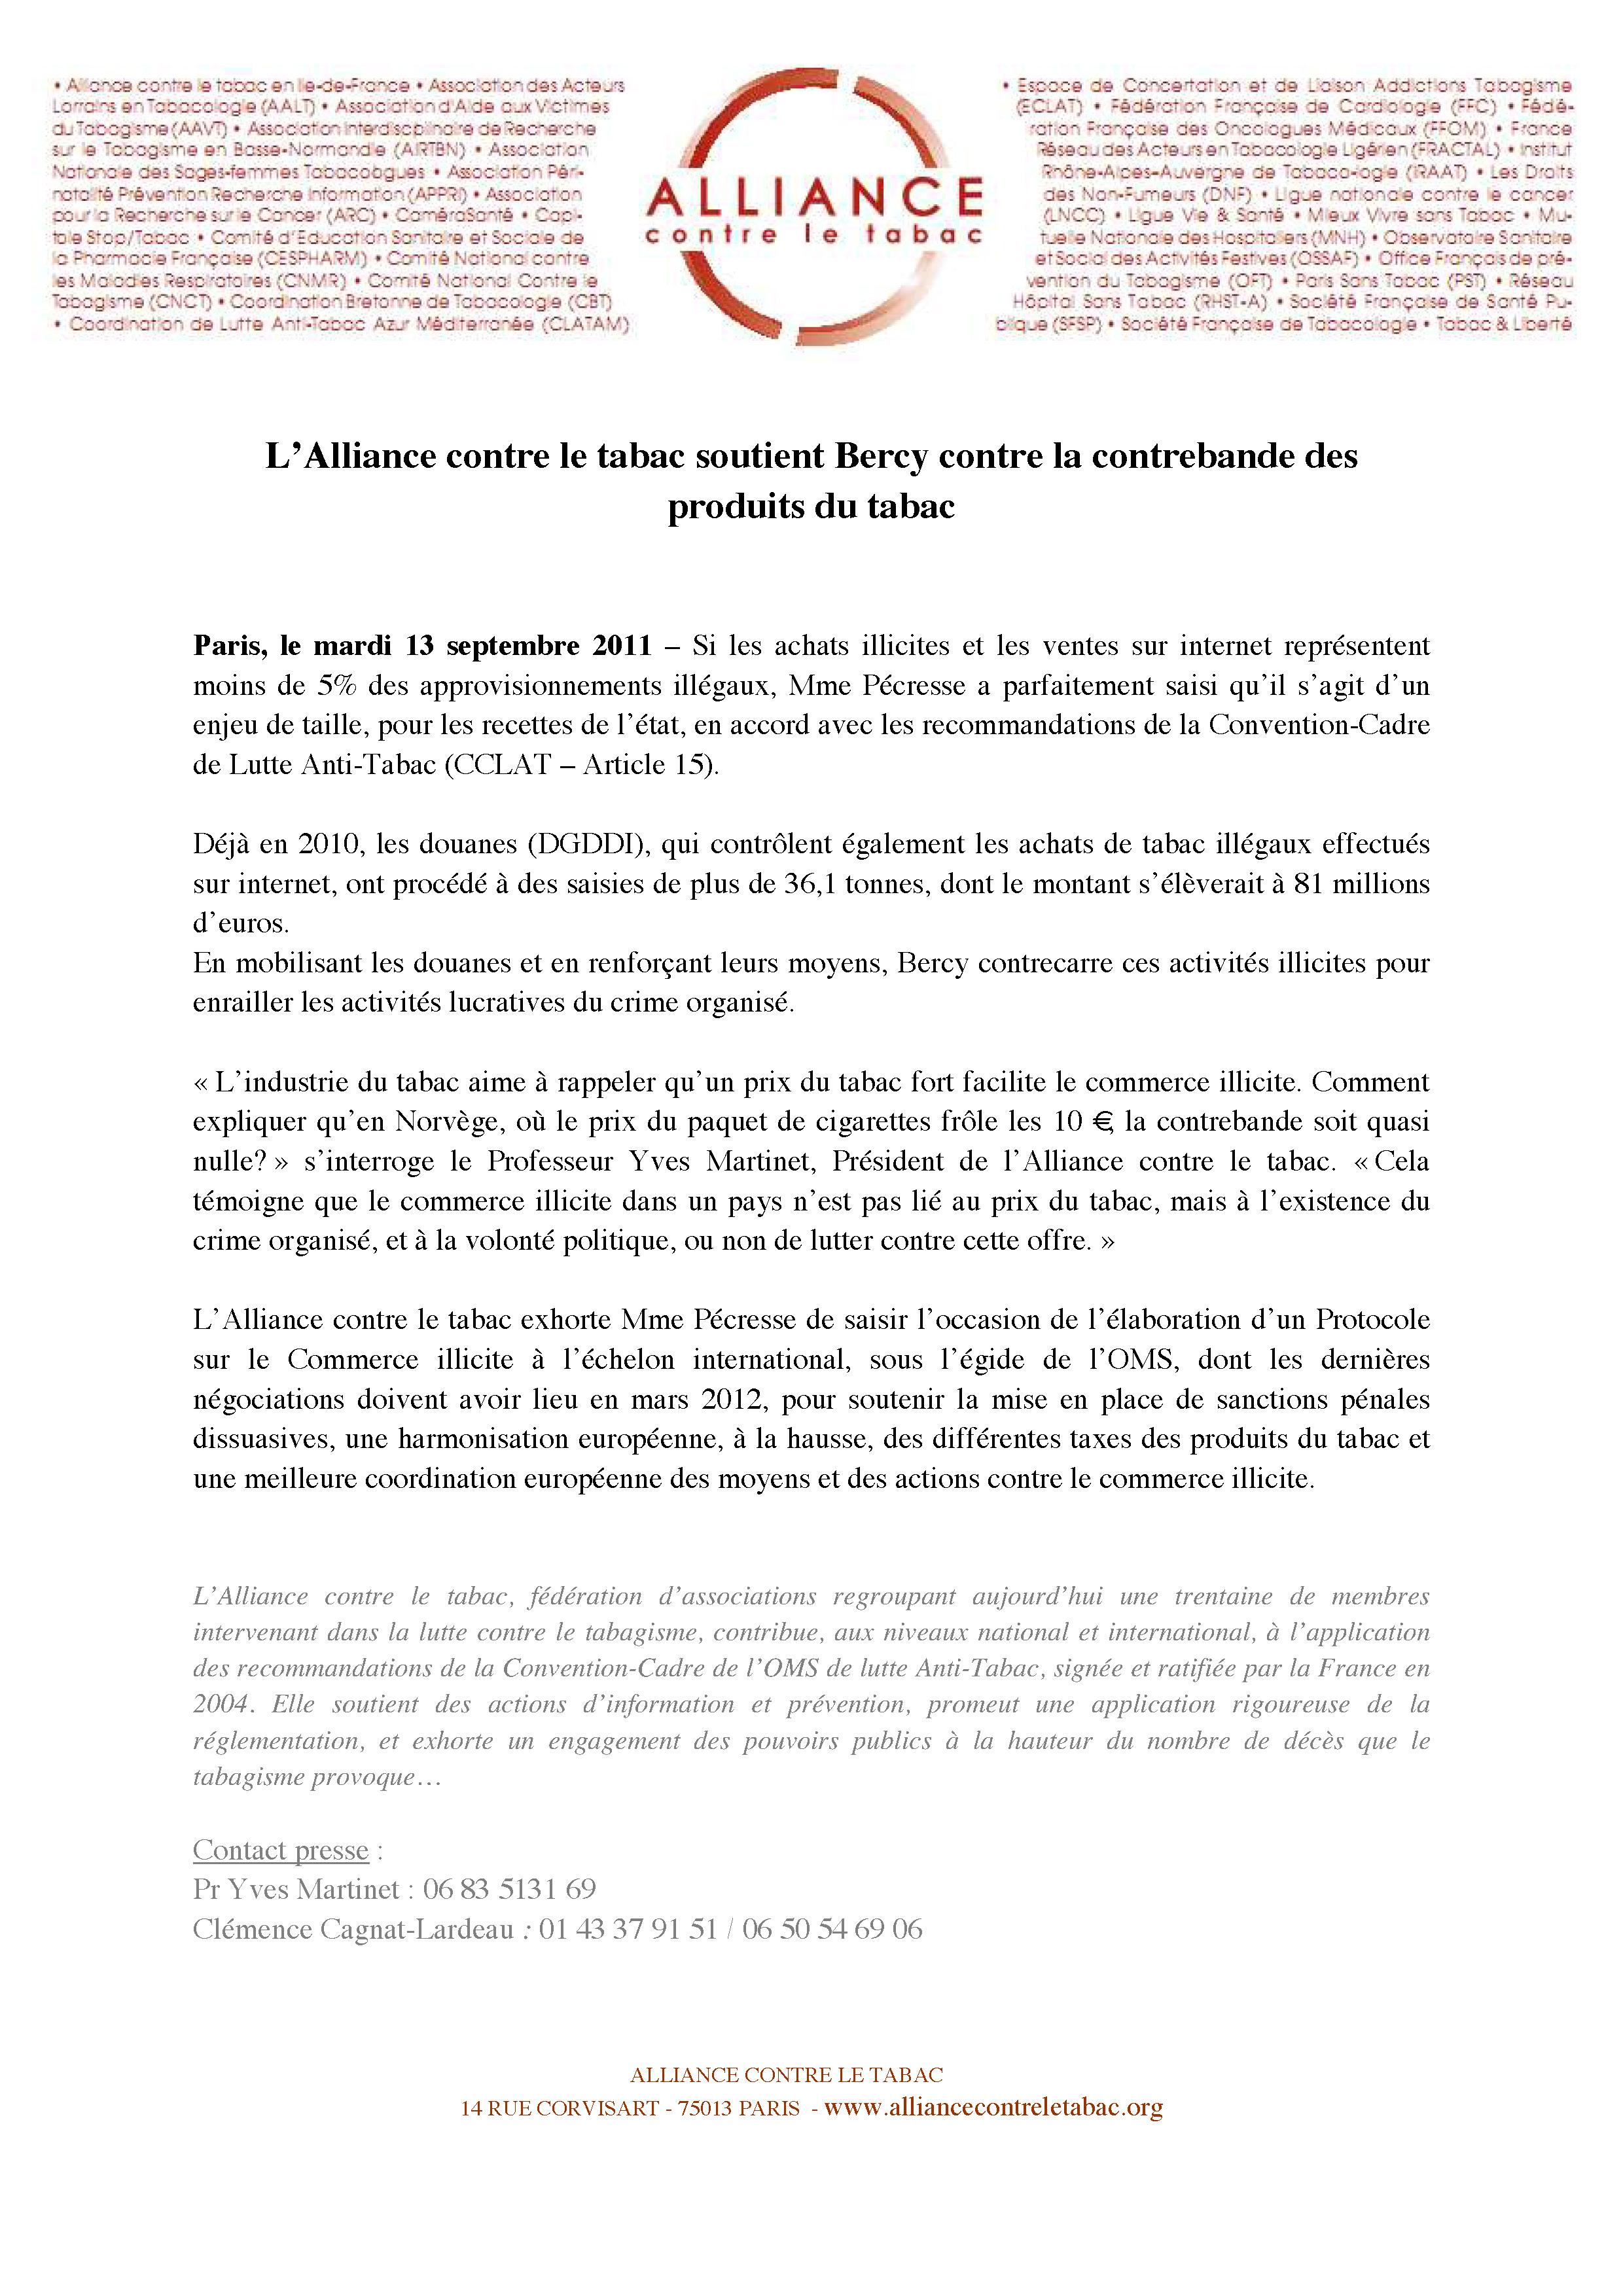 Alliance-CP_soutien-de-l-initiative-de-bercy-en-faveur-de-la-lutte-contre-la-contrebande-13sept2011.jpg